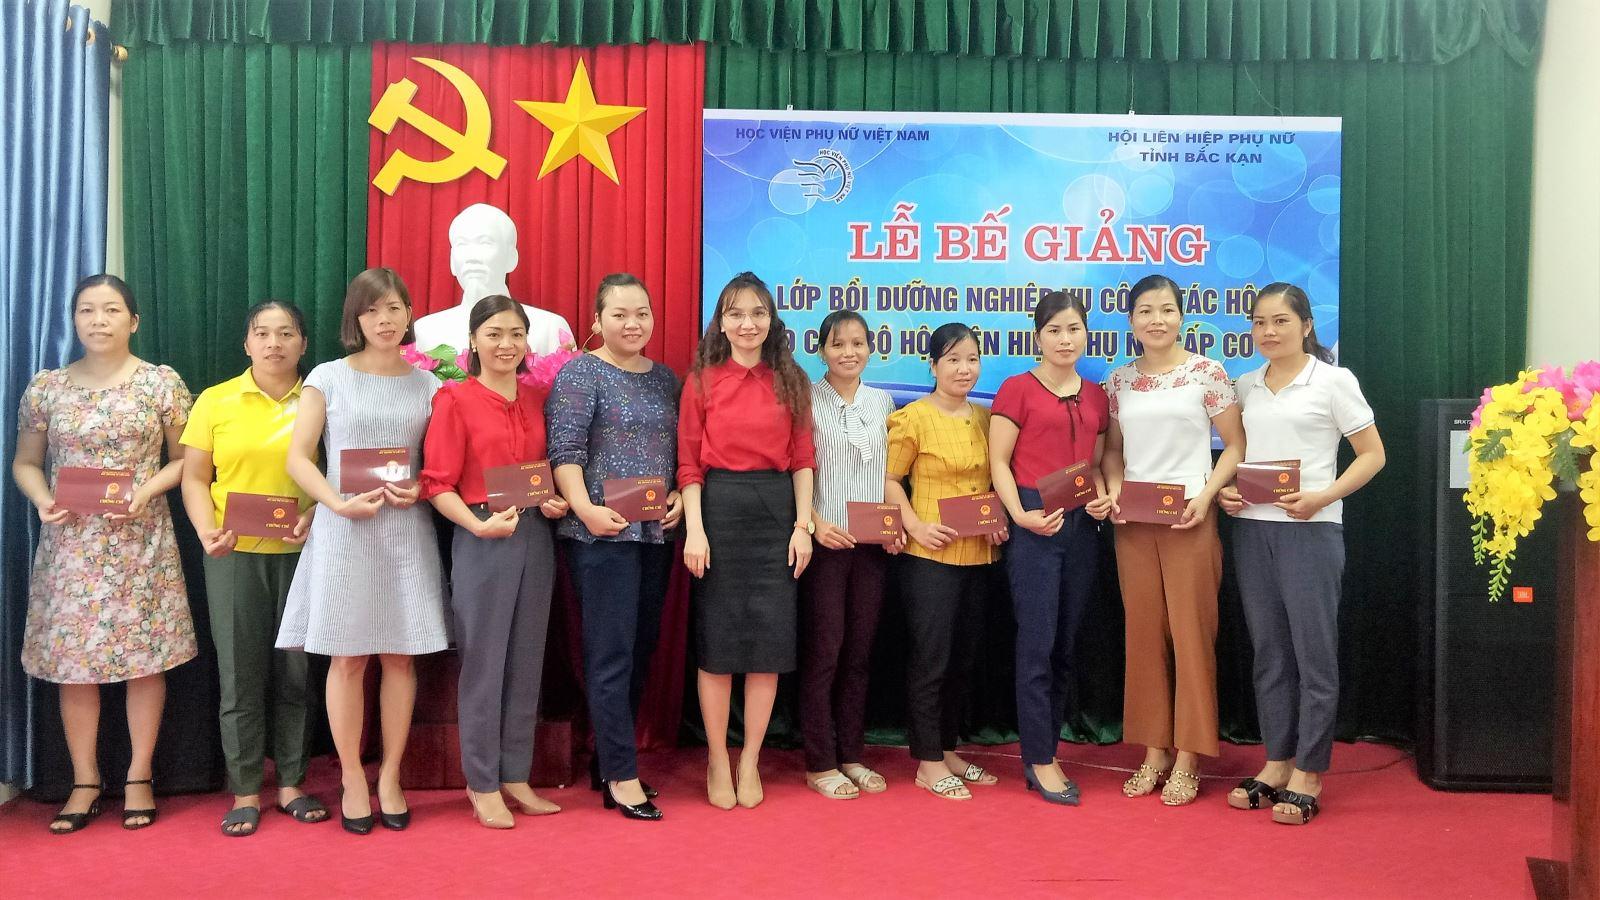 Tổ chức Lớp bồi dưỡng nghiệp vụ công tác Hội cấp cơ sở tại tỉnh Bắc Kạn